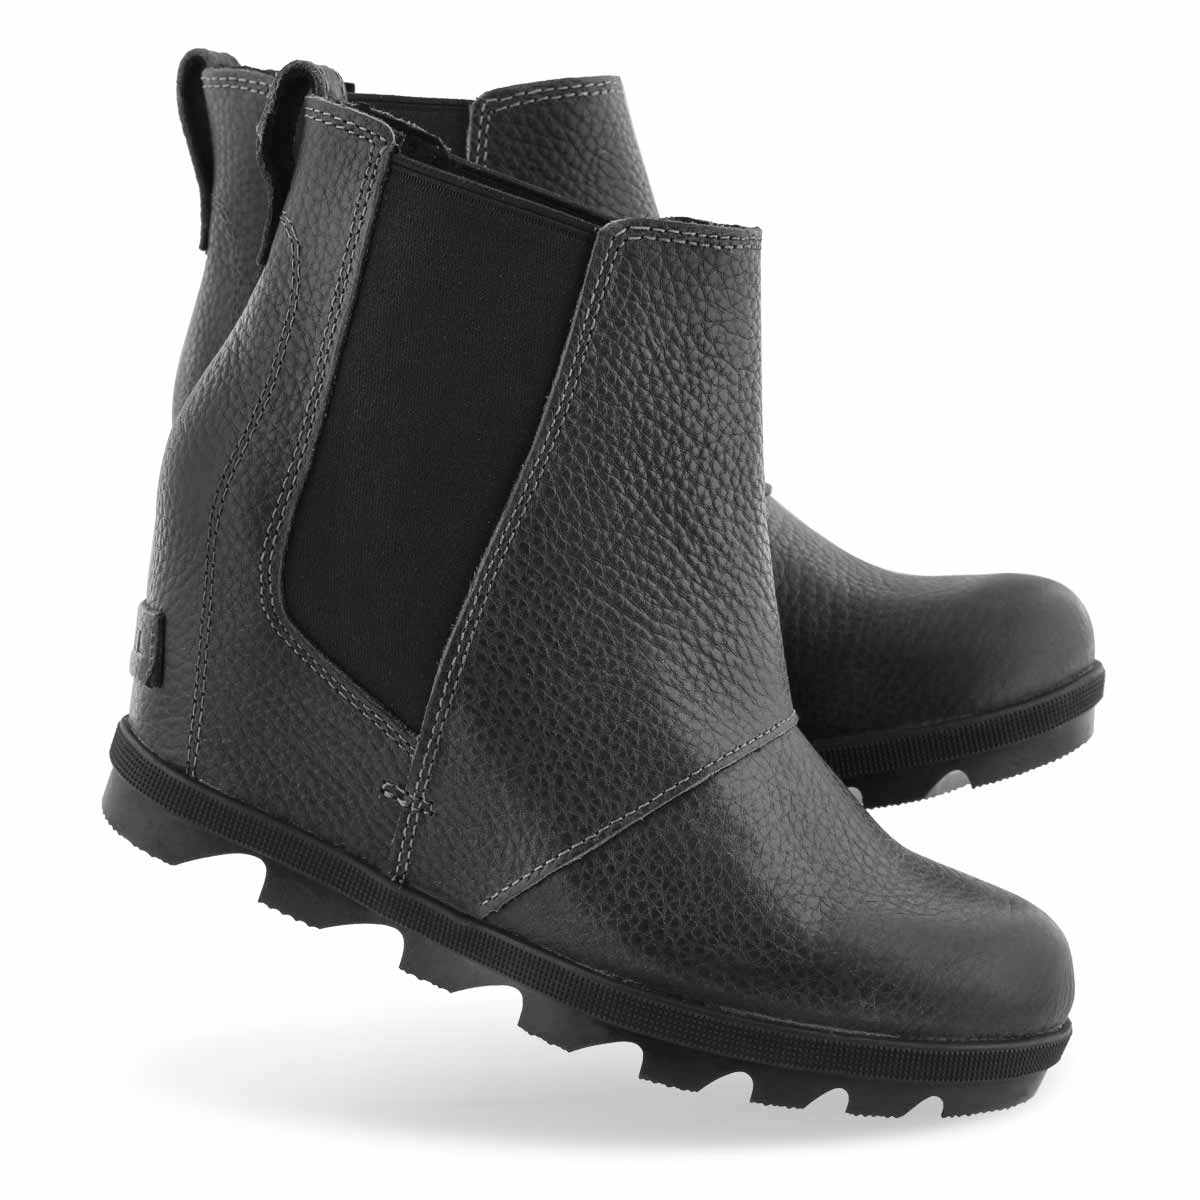 Lds JOA Wedge II Chelsea quarry wp boot